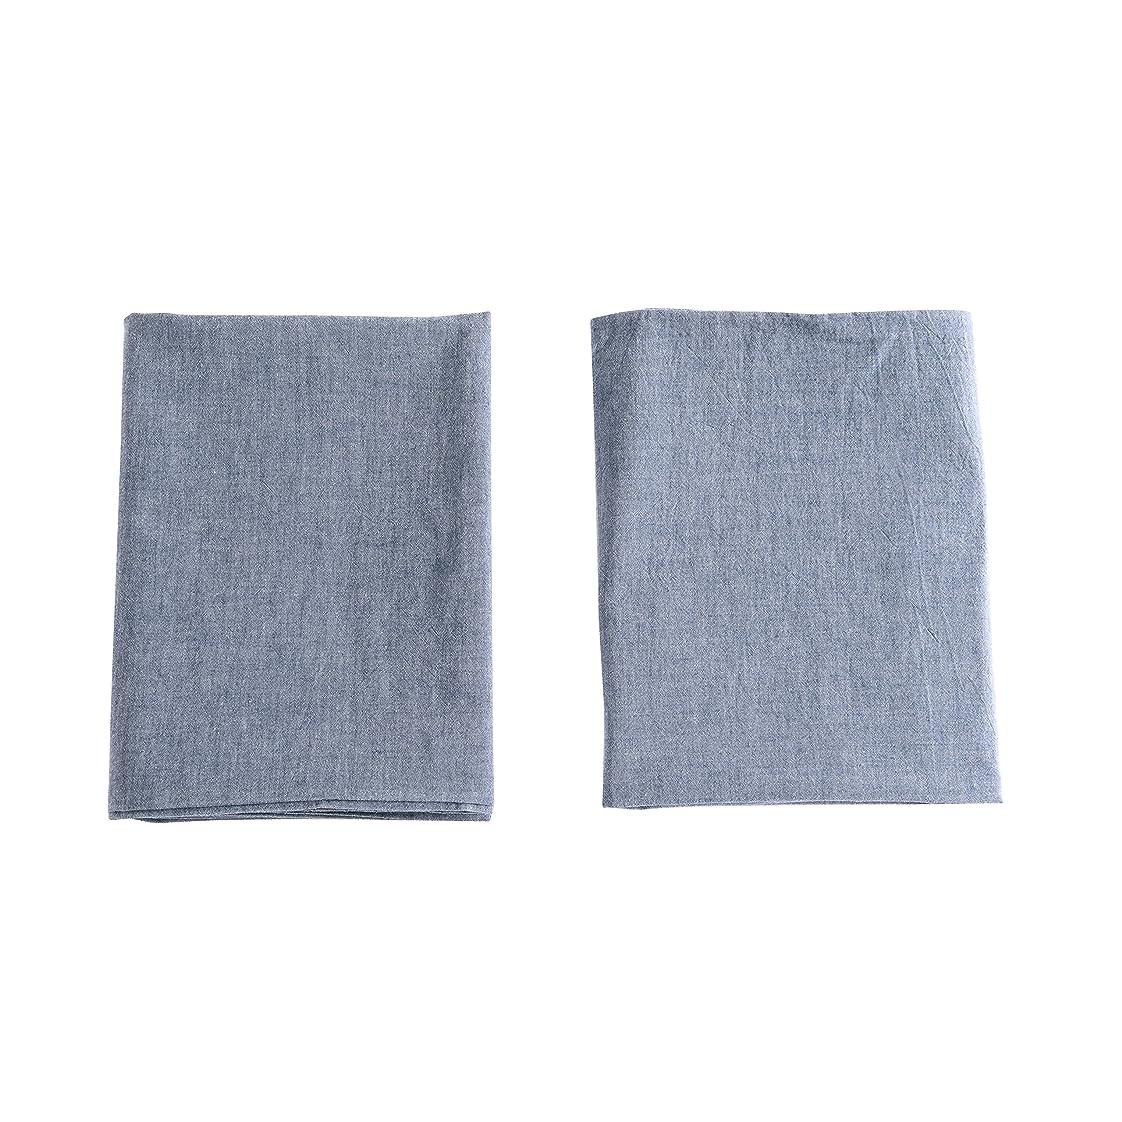 補う今まで一般的に【枕カバー 2枚組】オーガニックコットン ピロケース 洗いざらしの綿100% 枕カバー2枚 封筒式 防ダニ 抗菌防臭加工 (43x63cm, ブルー)